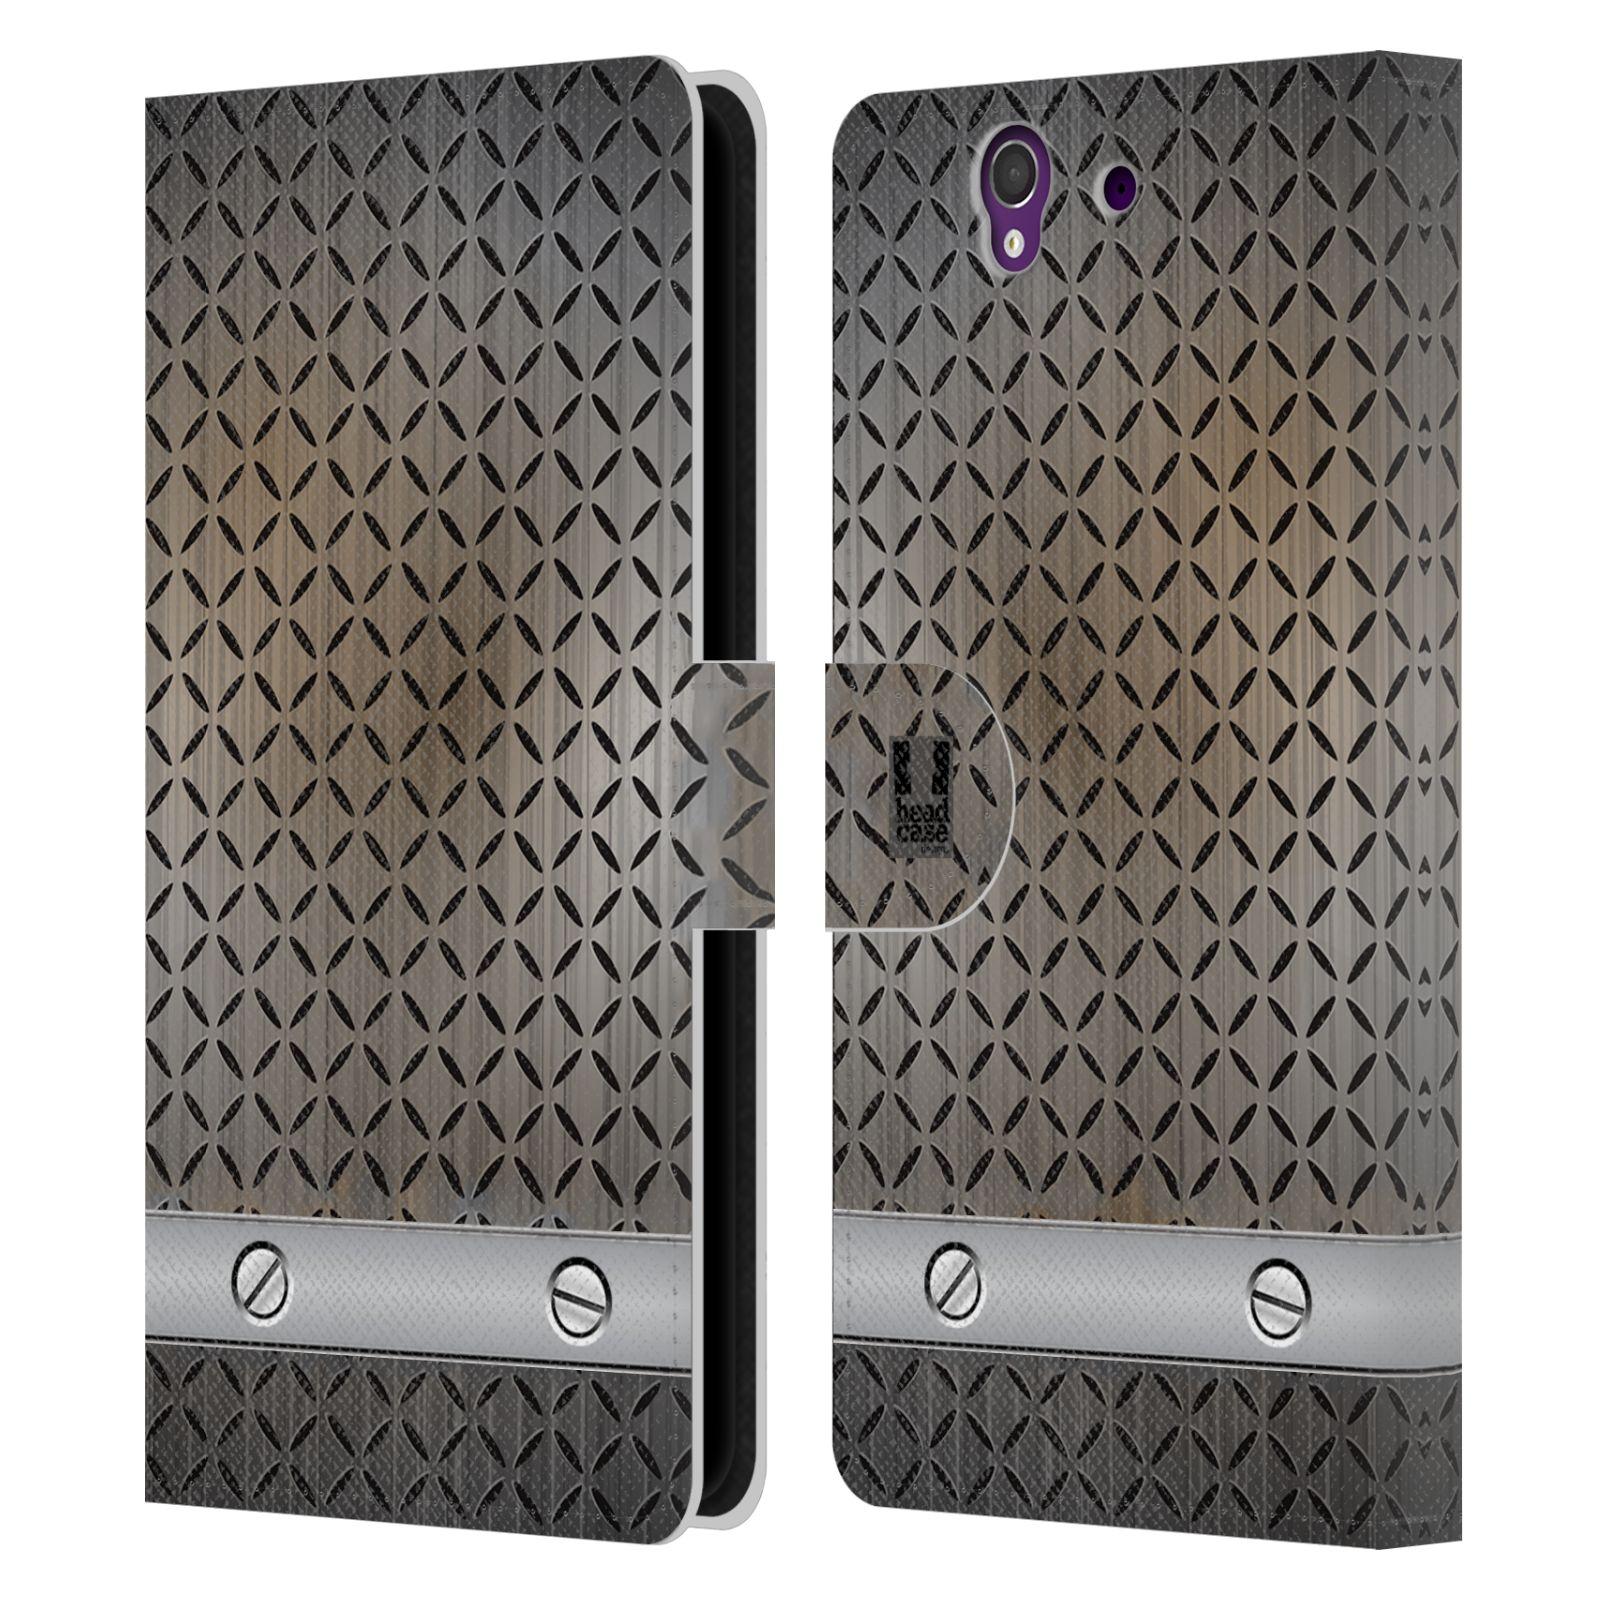 HEAD CASE Flipové pouzdro pro mobil SONY XPERIA Z (C6603) stavební textury železo šedá barva